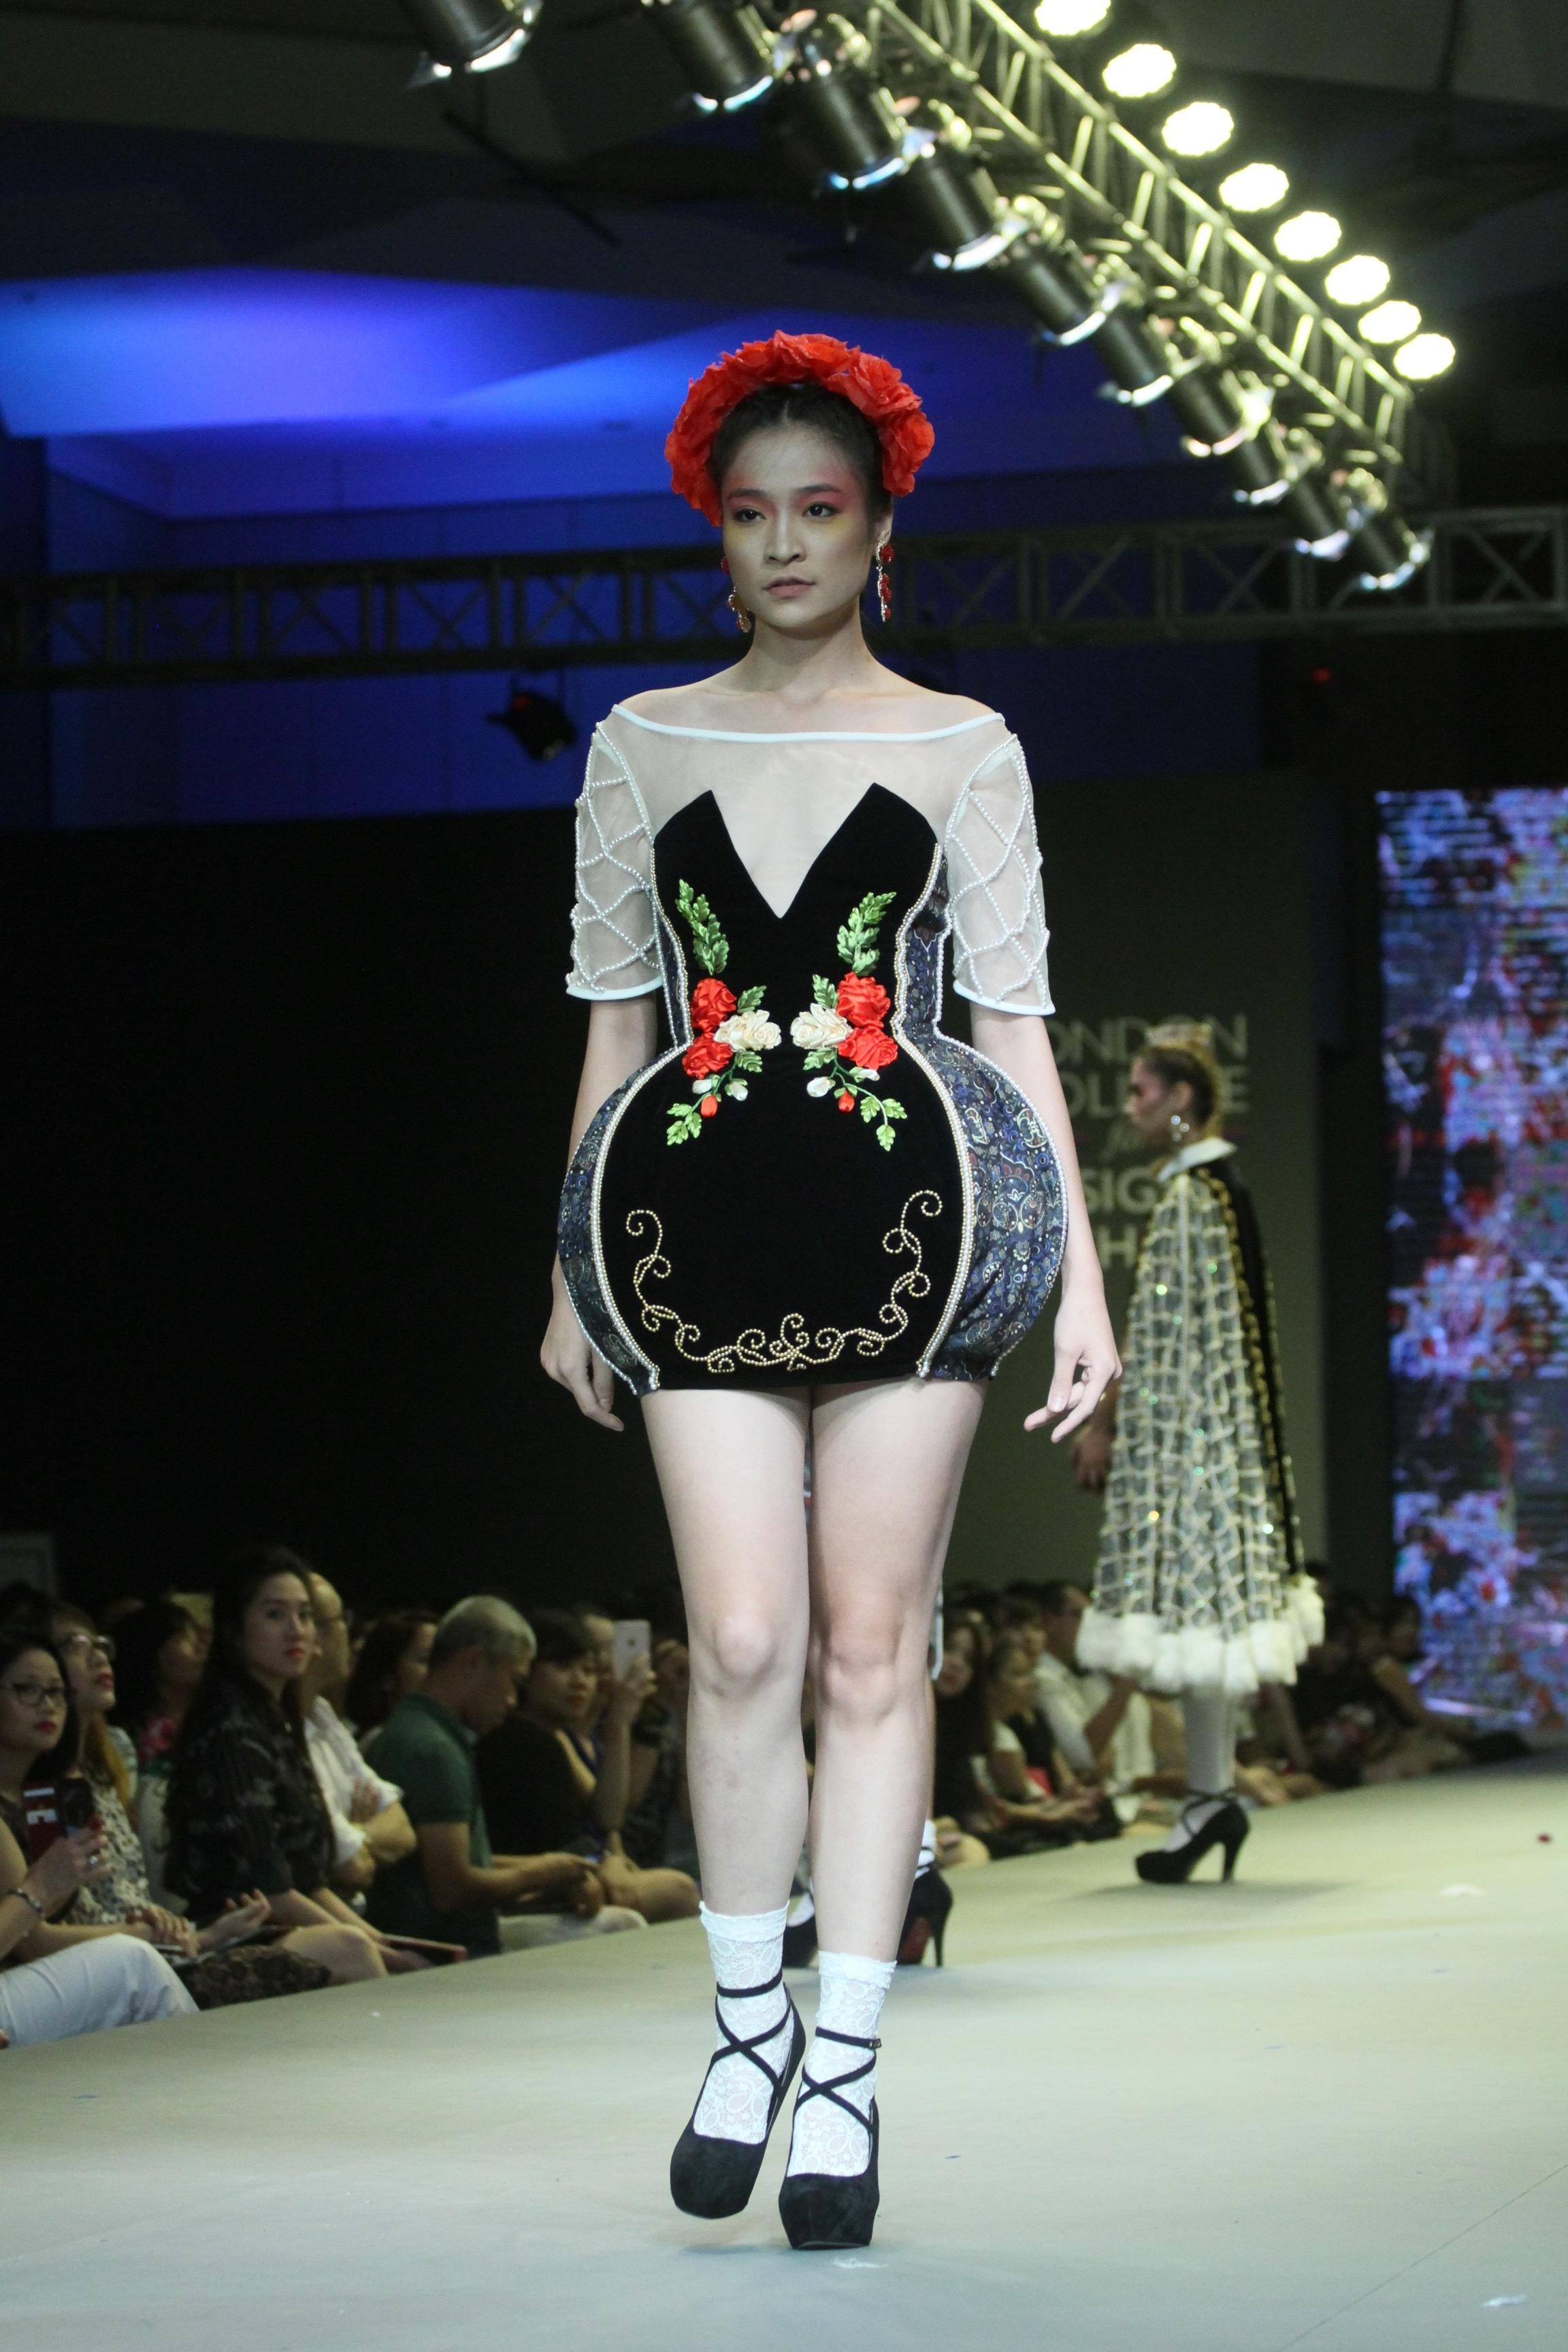 Thiết kế lấy cảm hứng từ búp bê Matryoshka